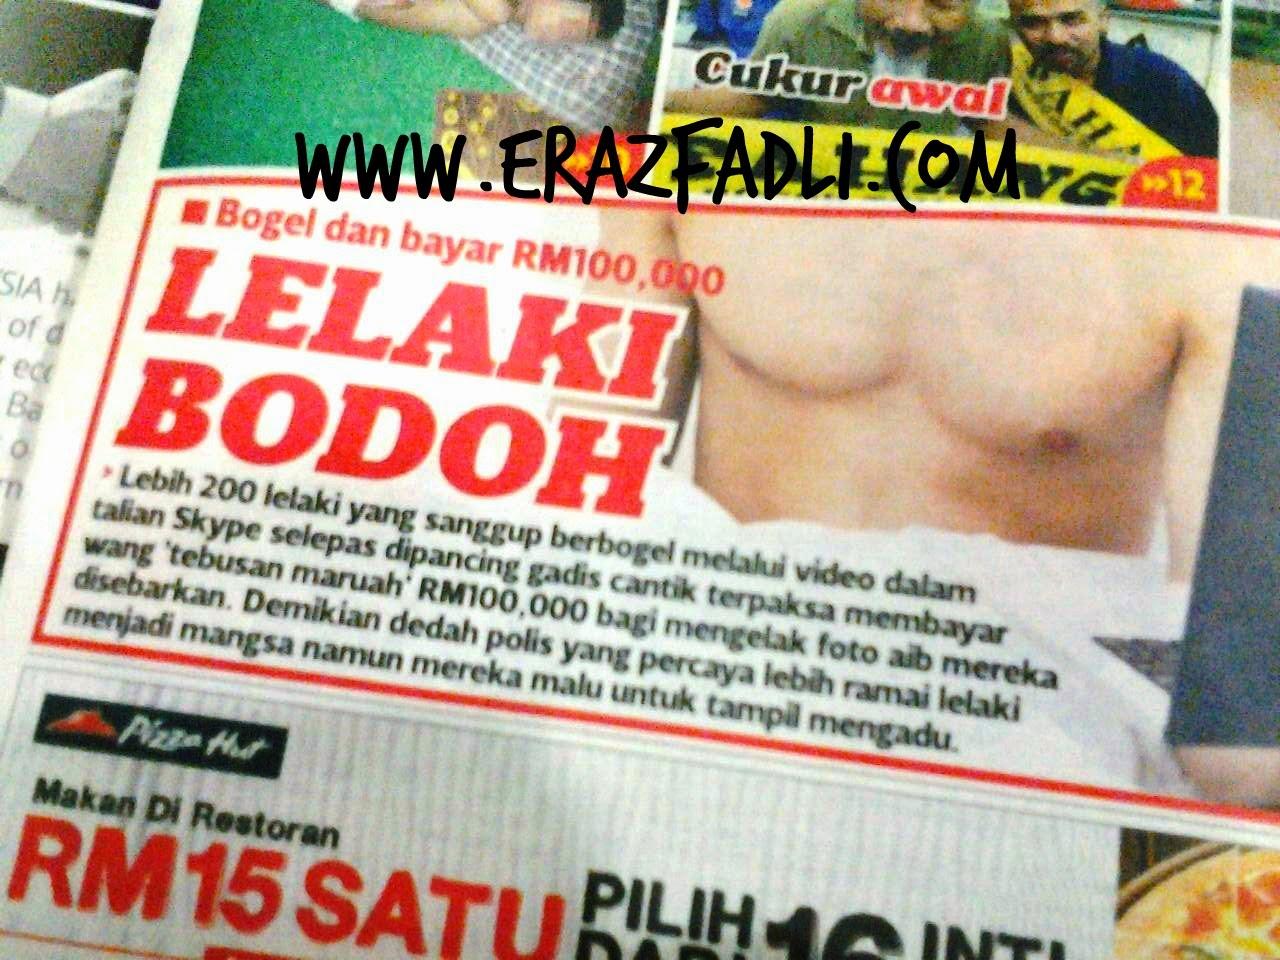 Lelaki Bodoh | Bogel dan Bayar RM 100,000